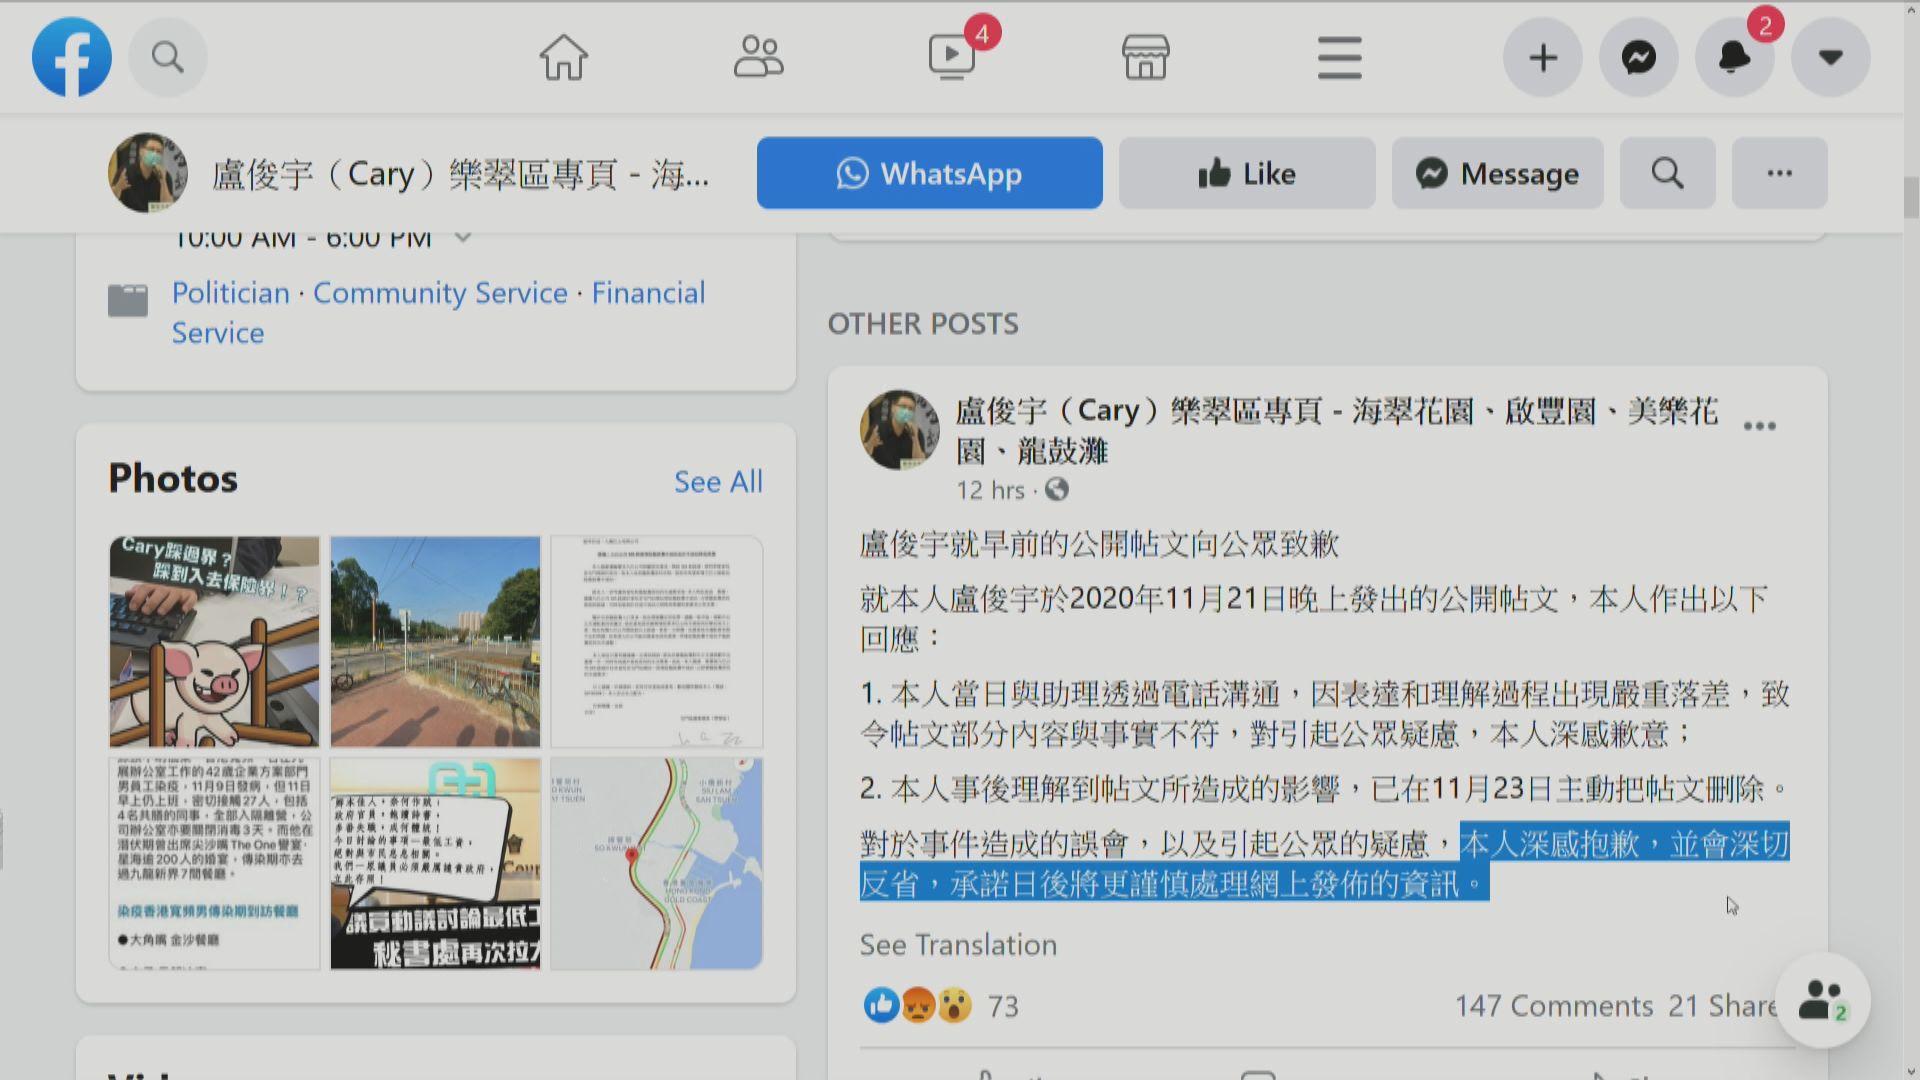 民主黨盧俊宇涉嫌浪費警力被捕